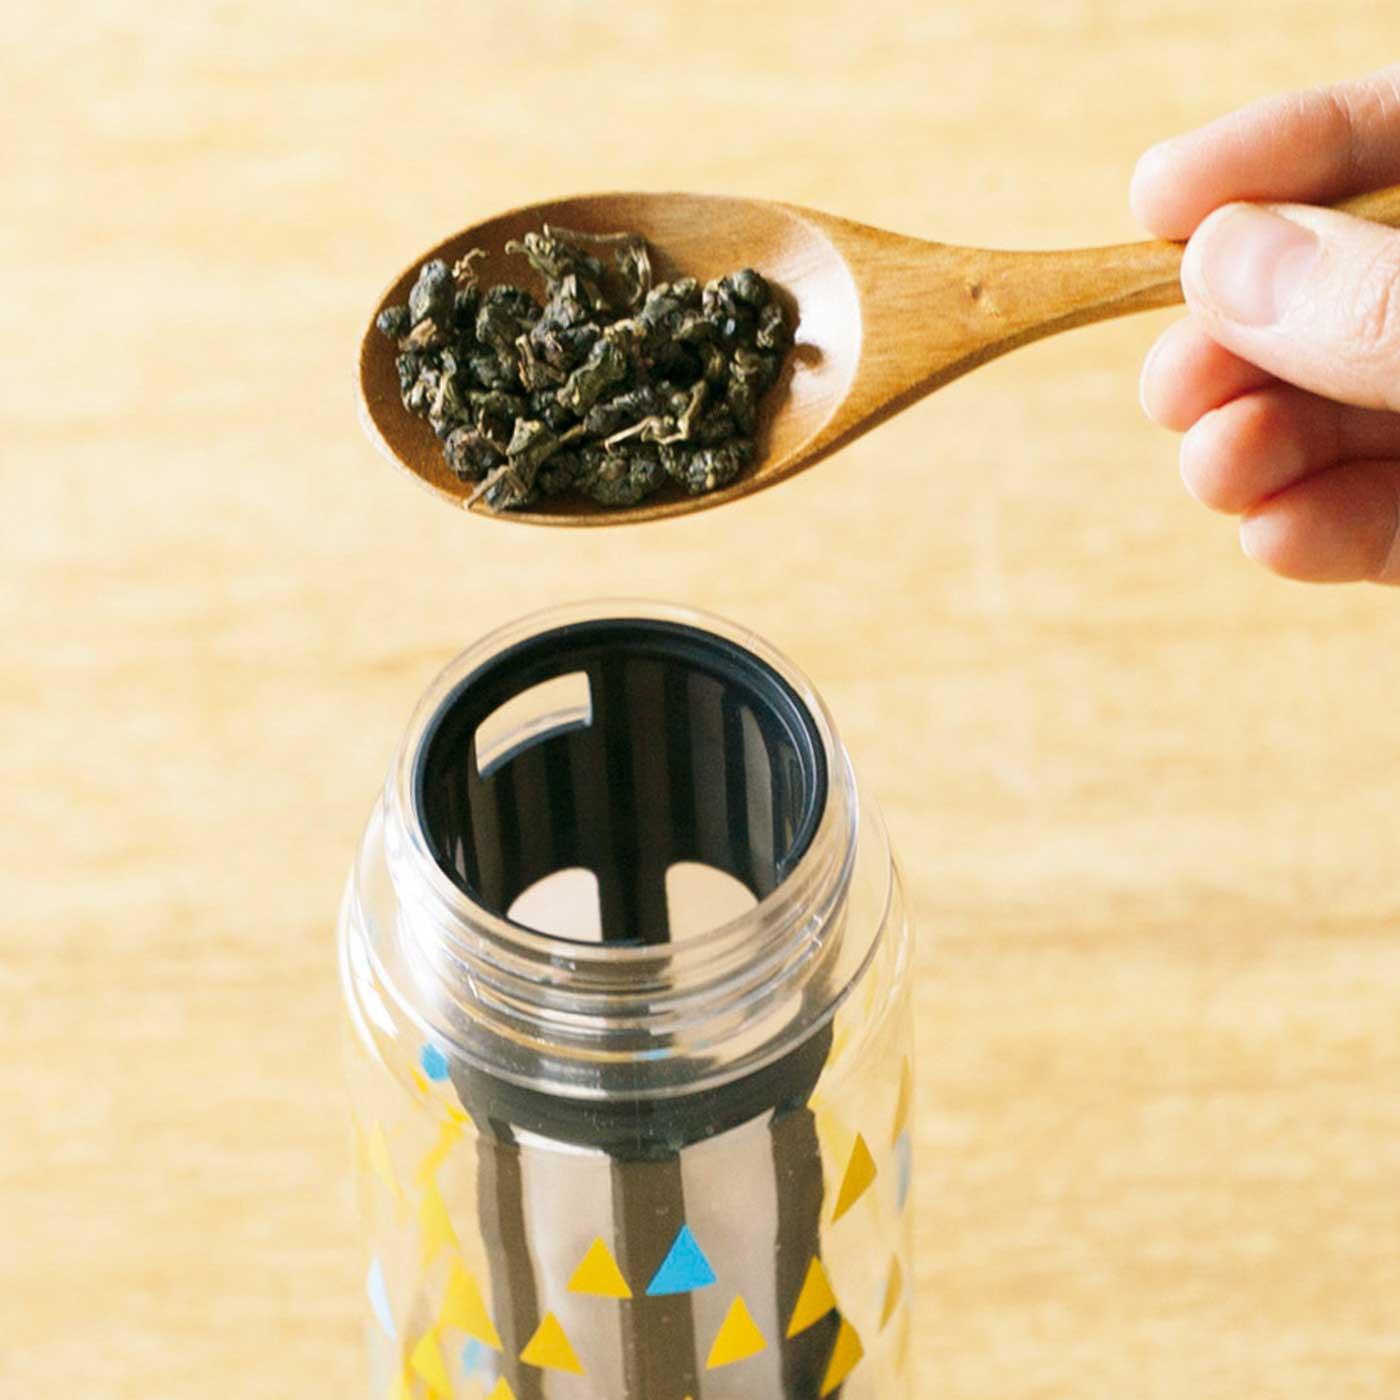 ボトルにセットした茶こしに茶葉を入れます。